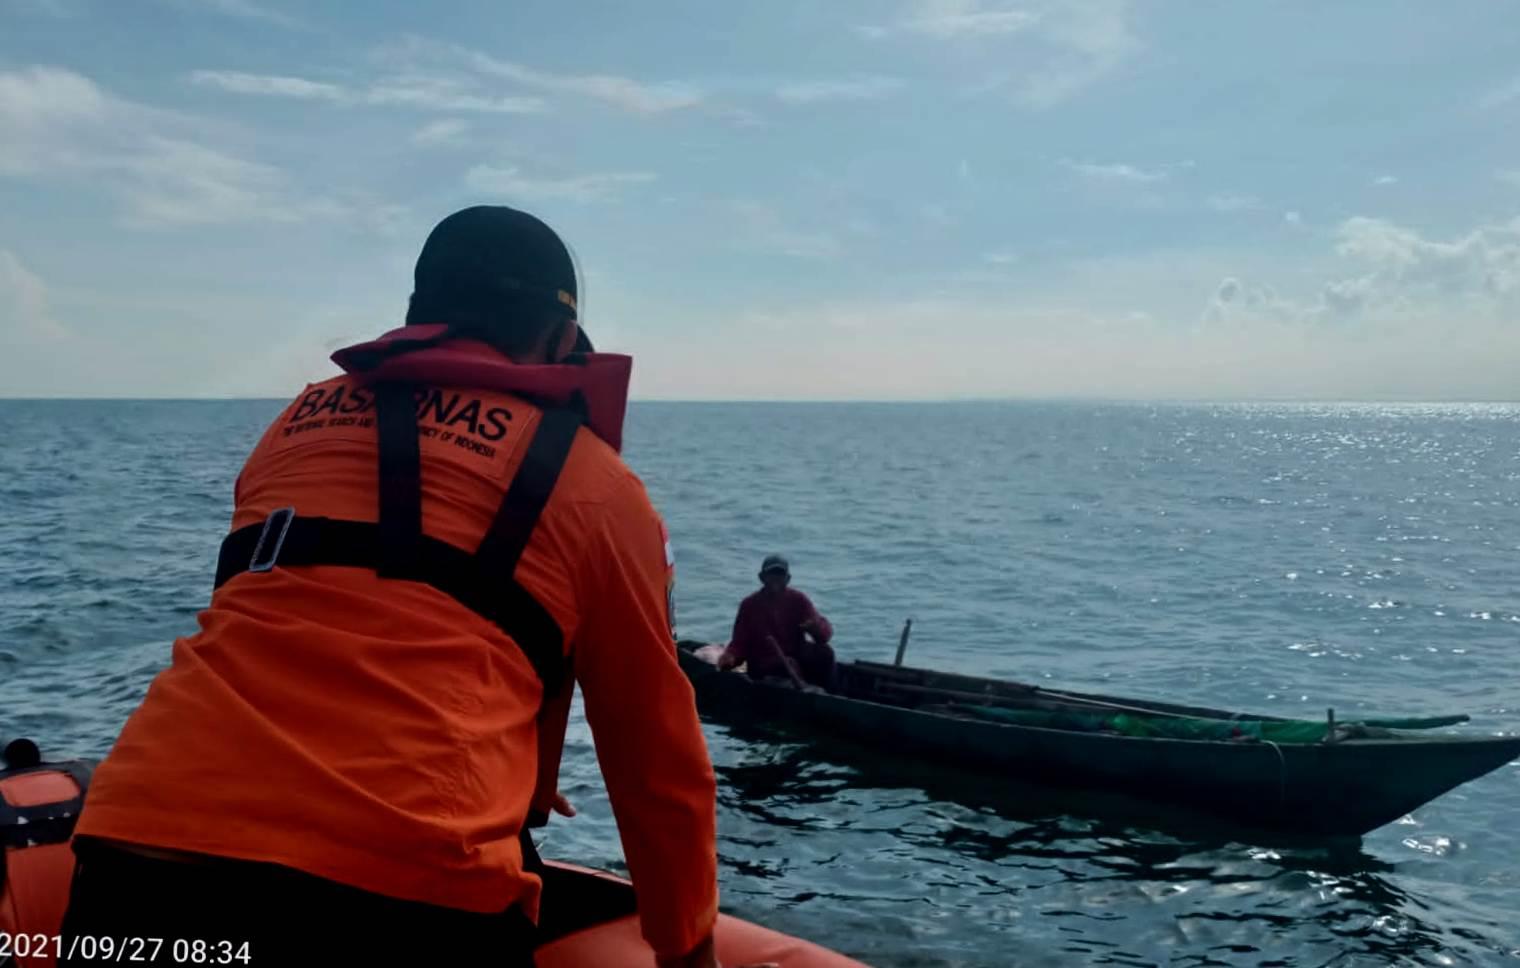 Imran Ditemukan MD dan Tendi DP, Korban Tabrakan Kapal Pompong vs Kargo